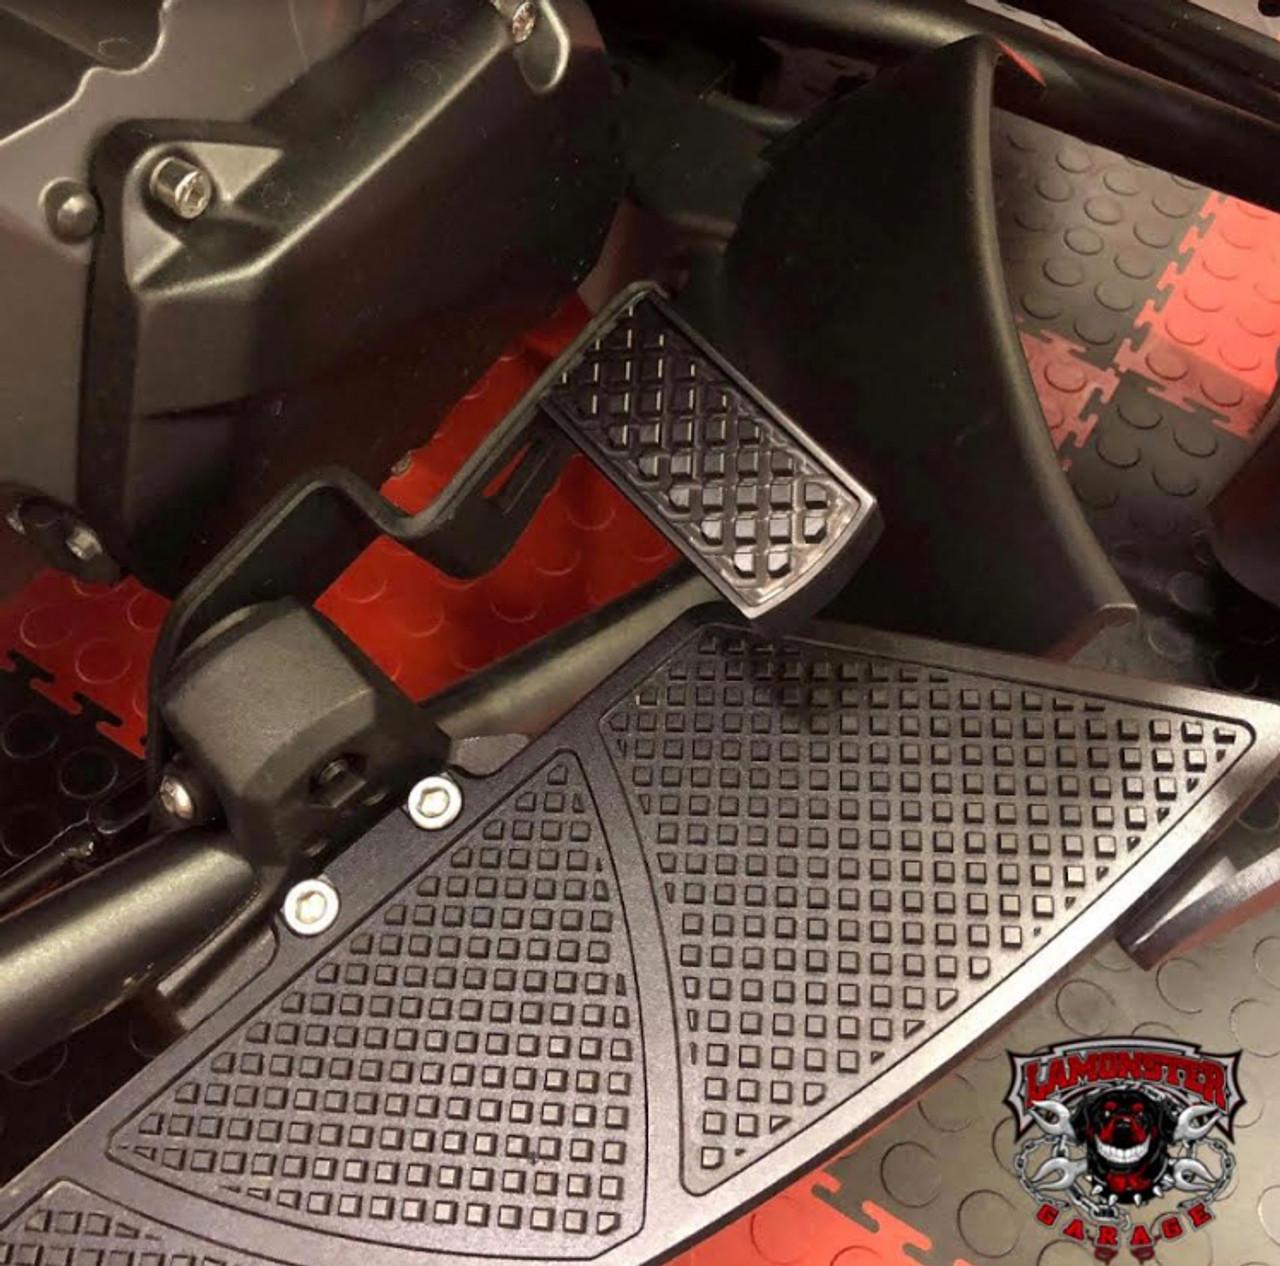 Lamonster Black Dymond Brake Pedal (LG-1009B) (BLACK) Fits all Can-Am Spyder F3, RT, ST Models  (Shown with Lamonster Black Dymond Floorboards)